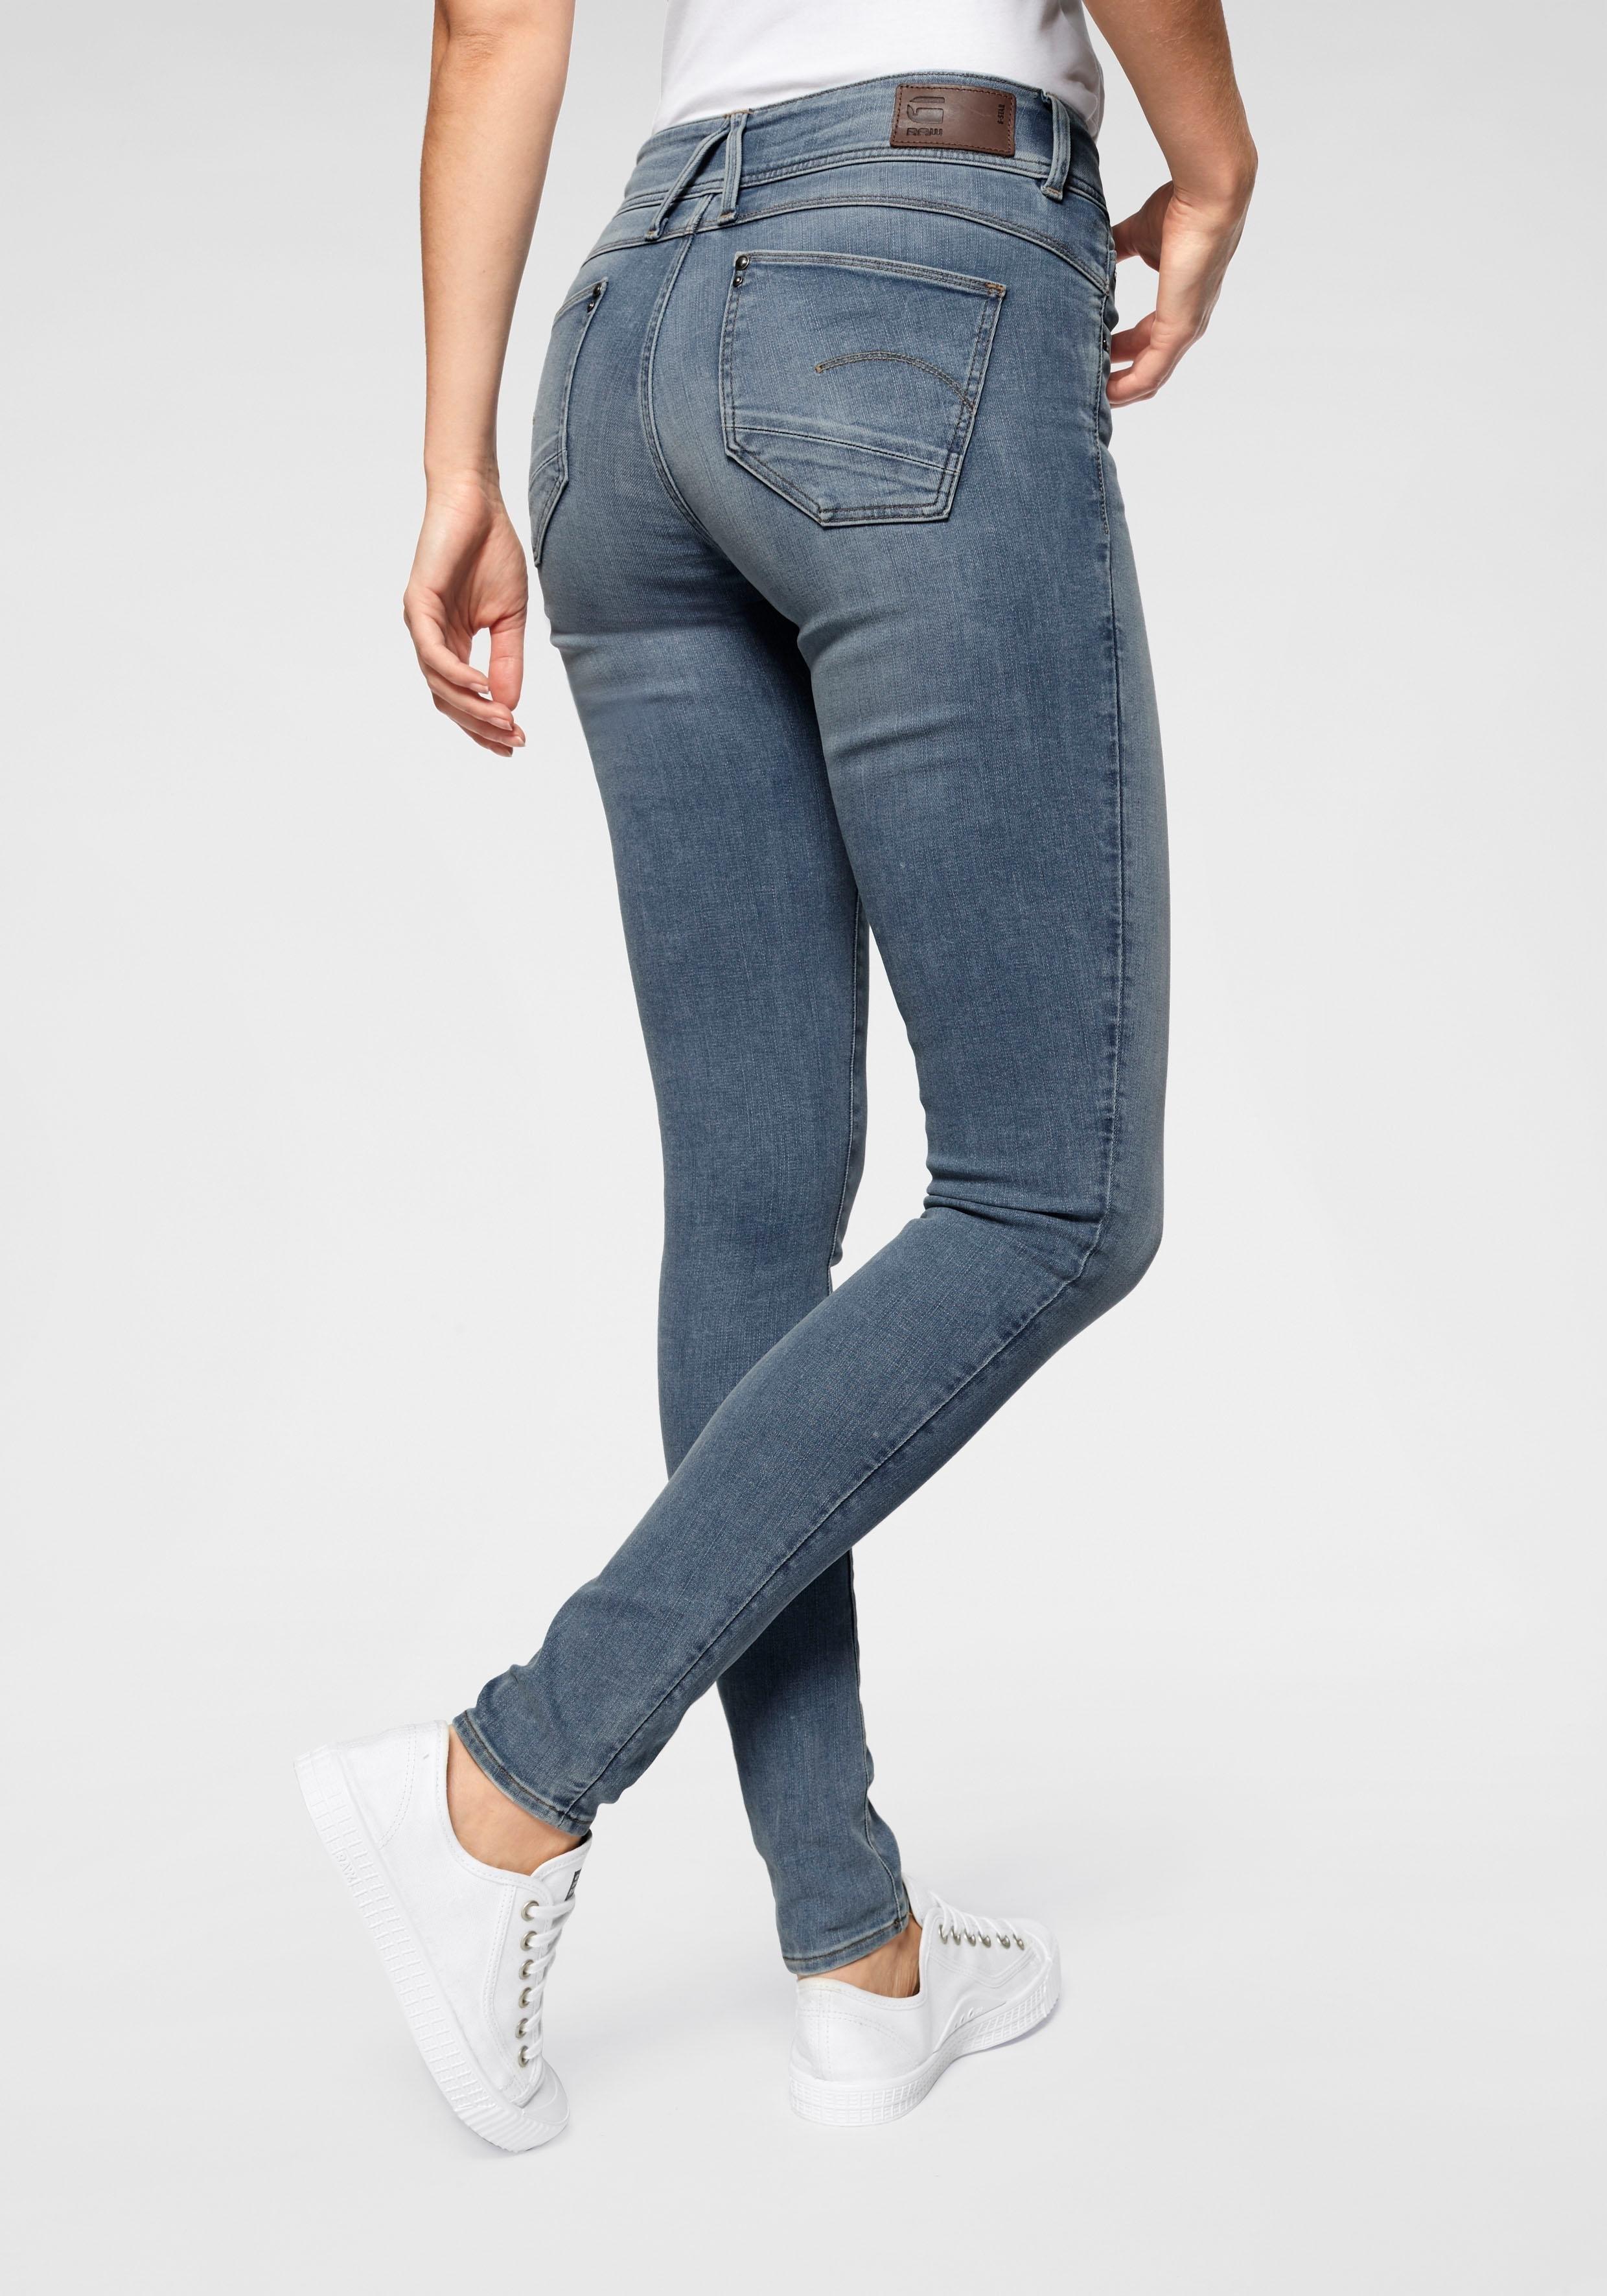 9787d3e0f4e Jeans met hoge taille koop je bij OTTO | Groot assortiment